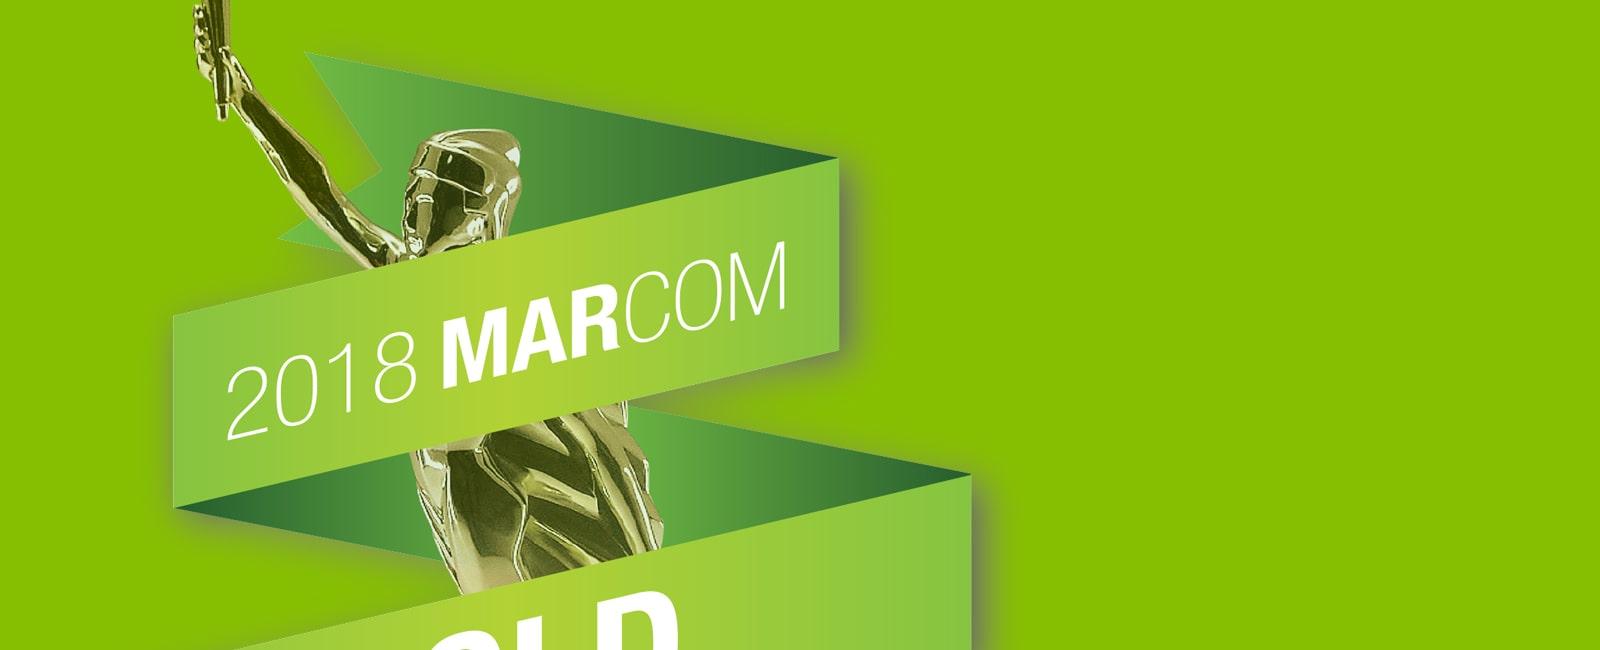 marcom web design awards